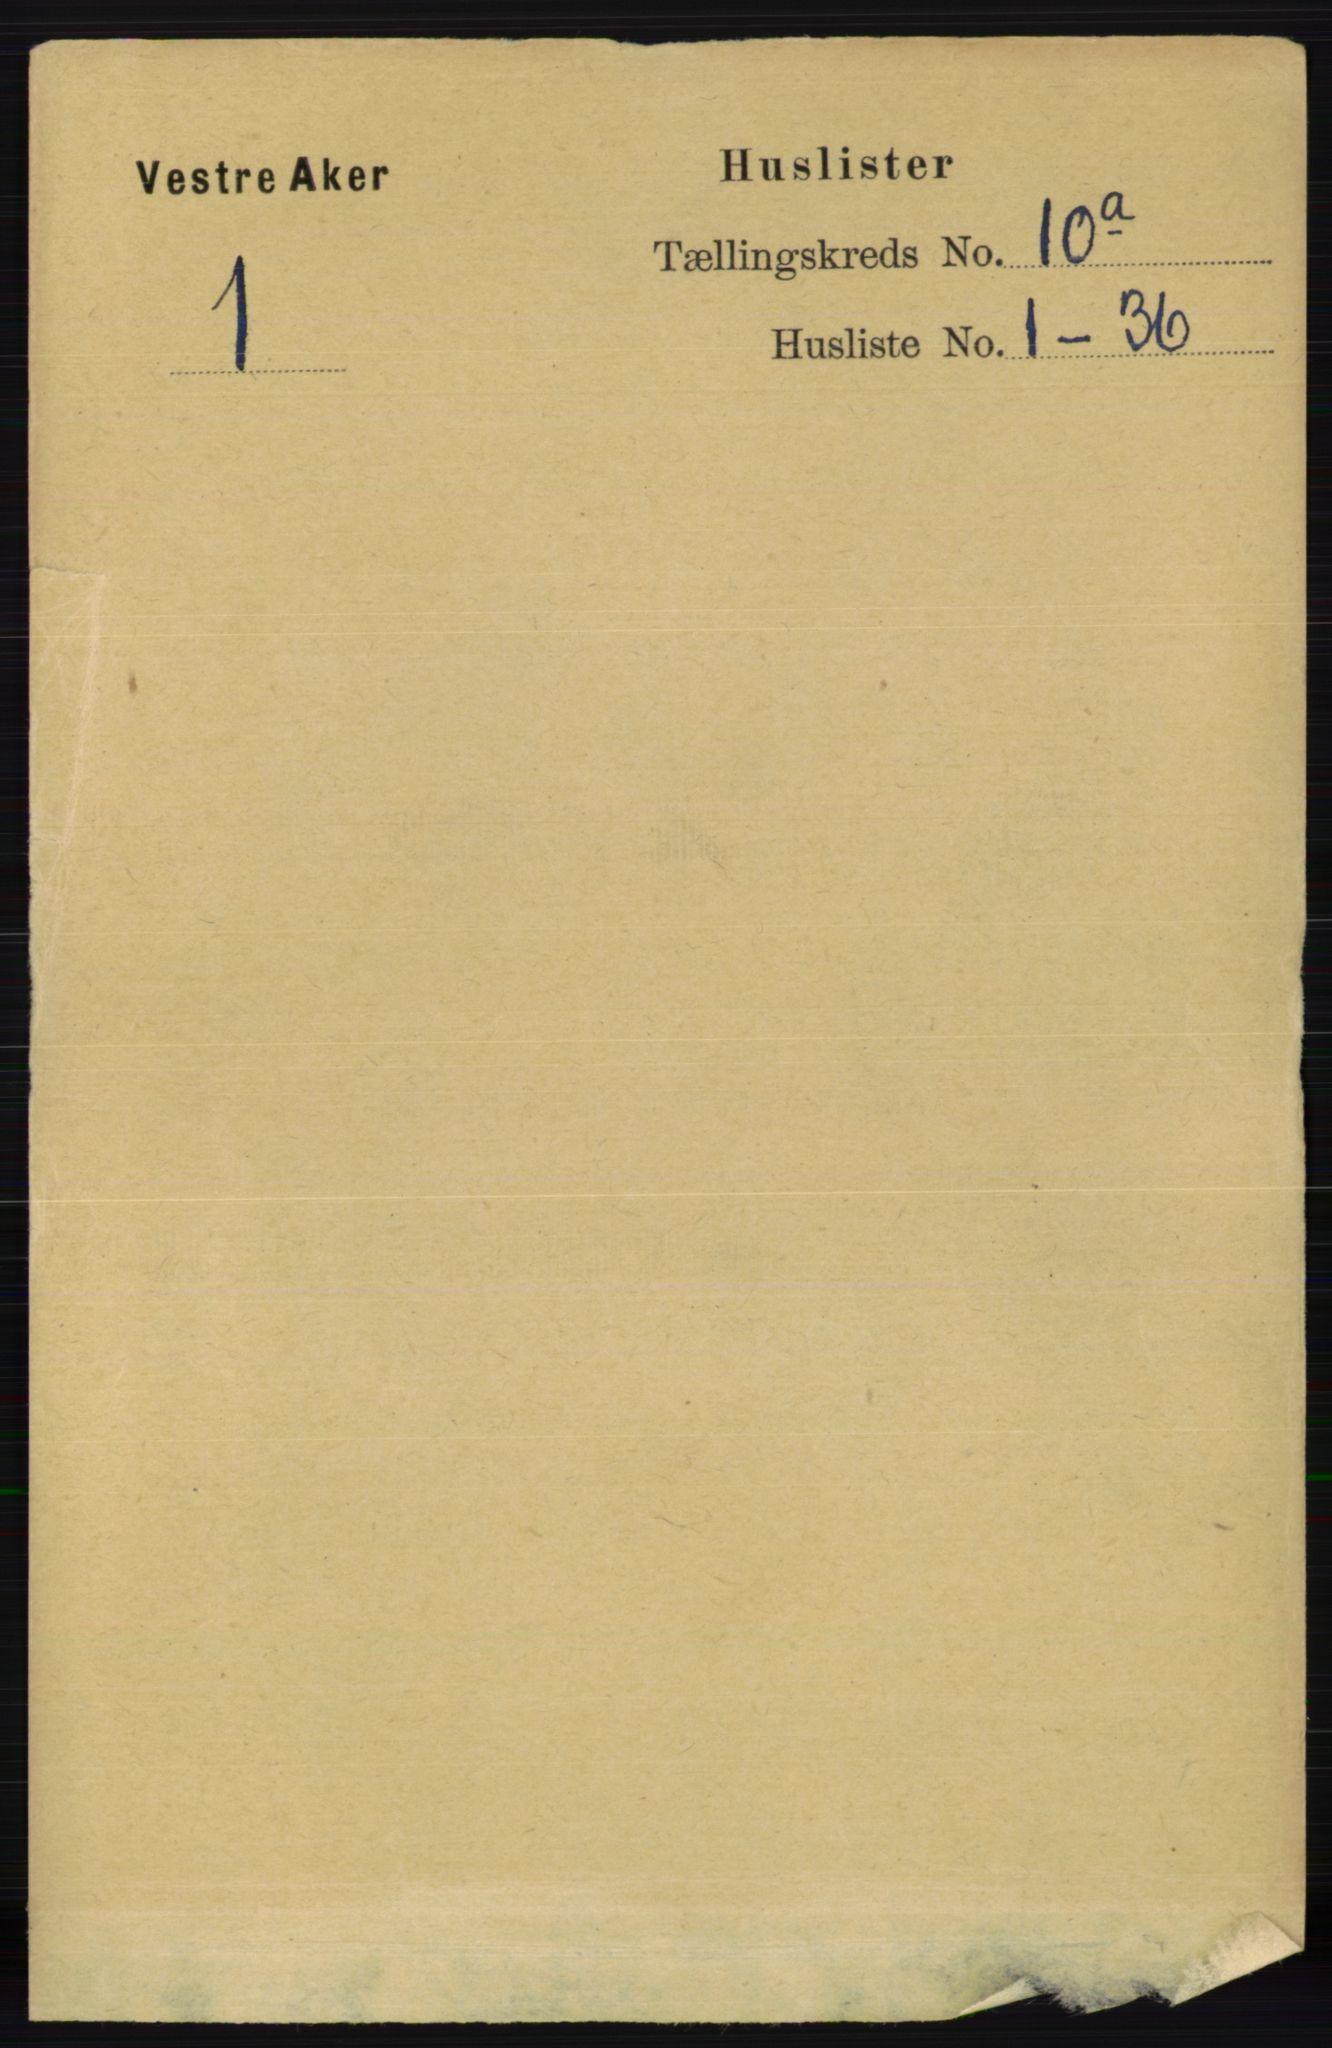 RA, Folketelling 1891 for 0218 Aker herred, 1891, s. 8804